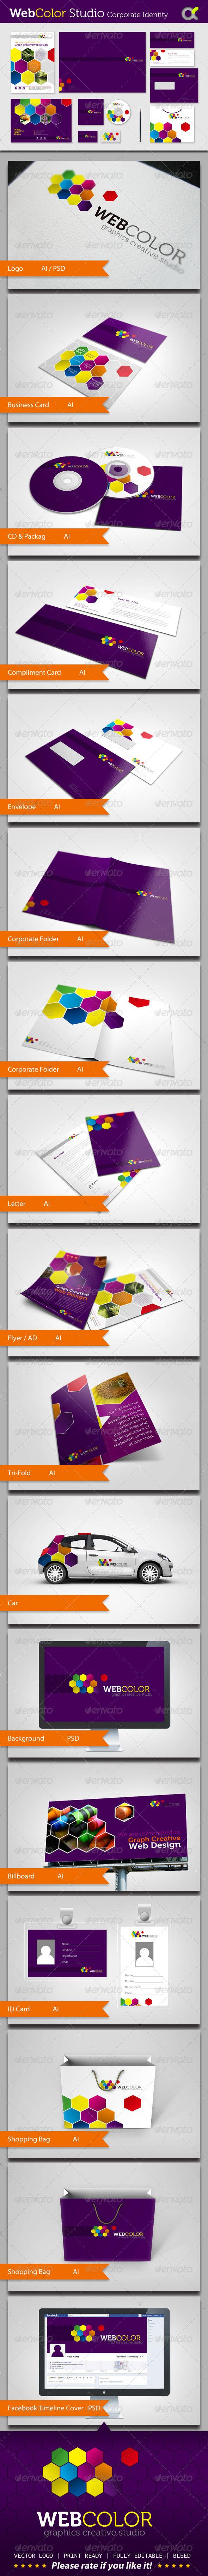 GraphicRiver WebColor Studio Corporate Identity 5361145